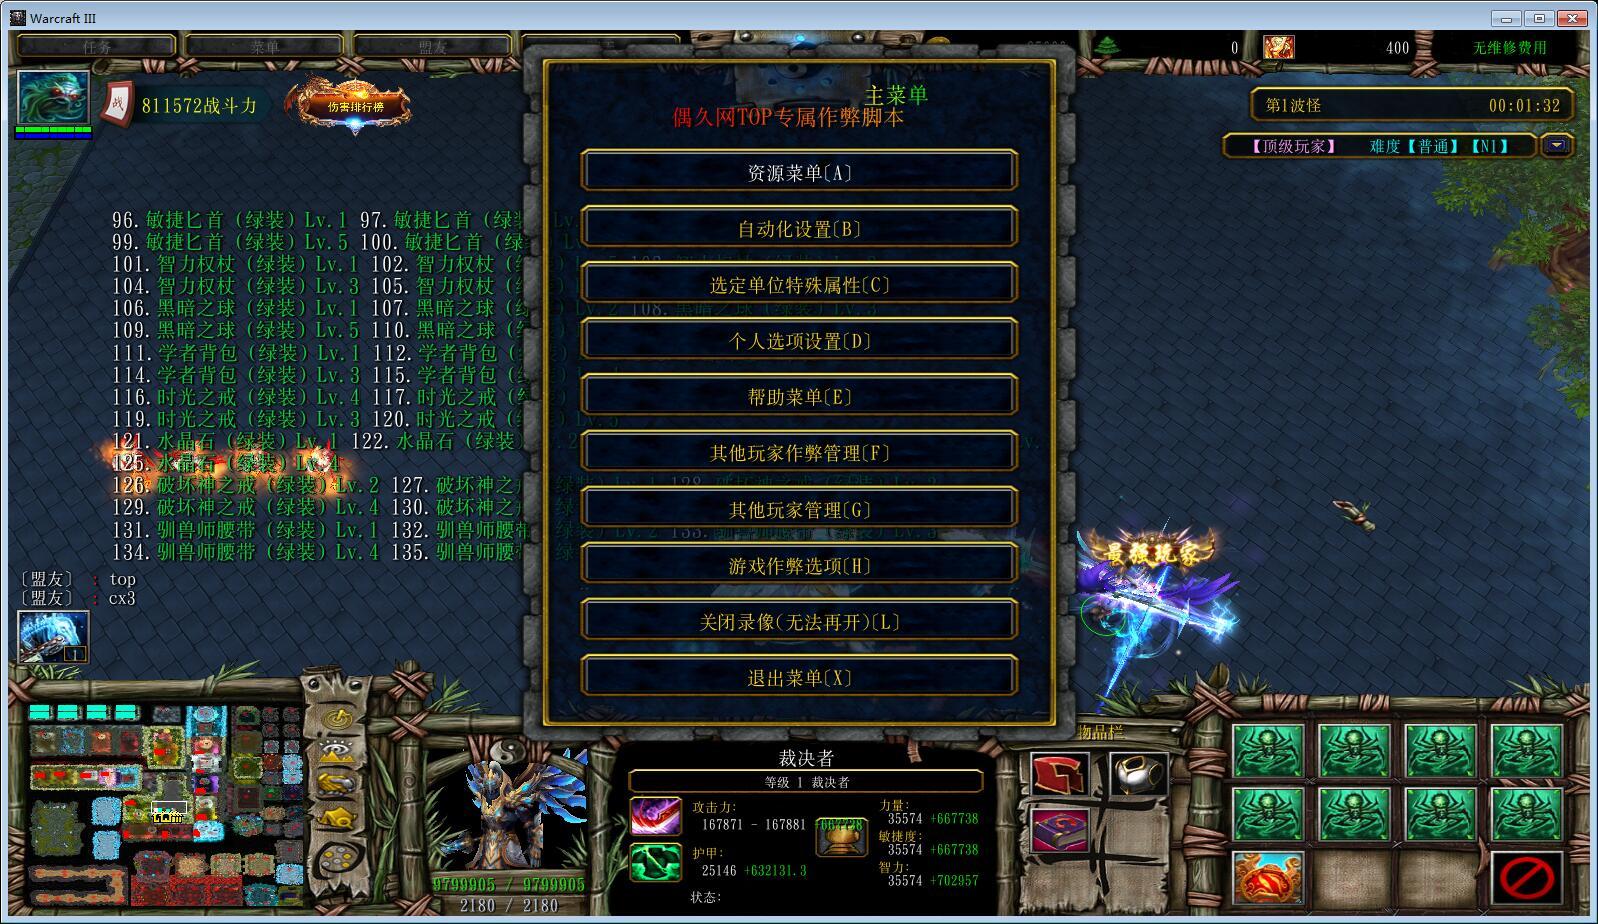 顶级玩家1.2.3破解版 解锁全英雄+全商城特权+存档通关道具+狼牙锤+刷物品无CD